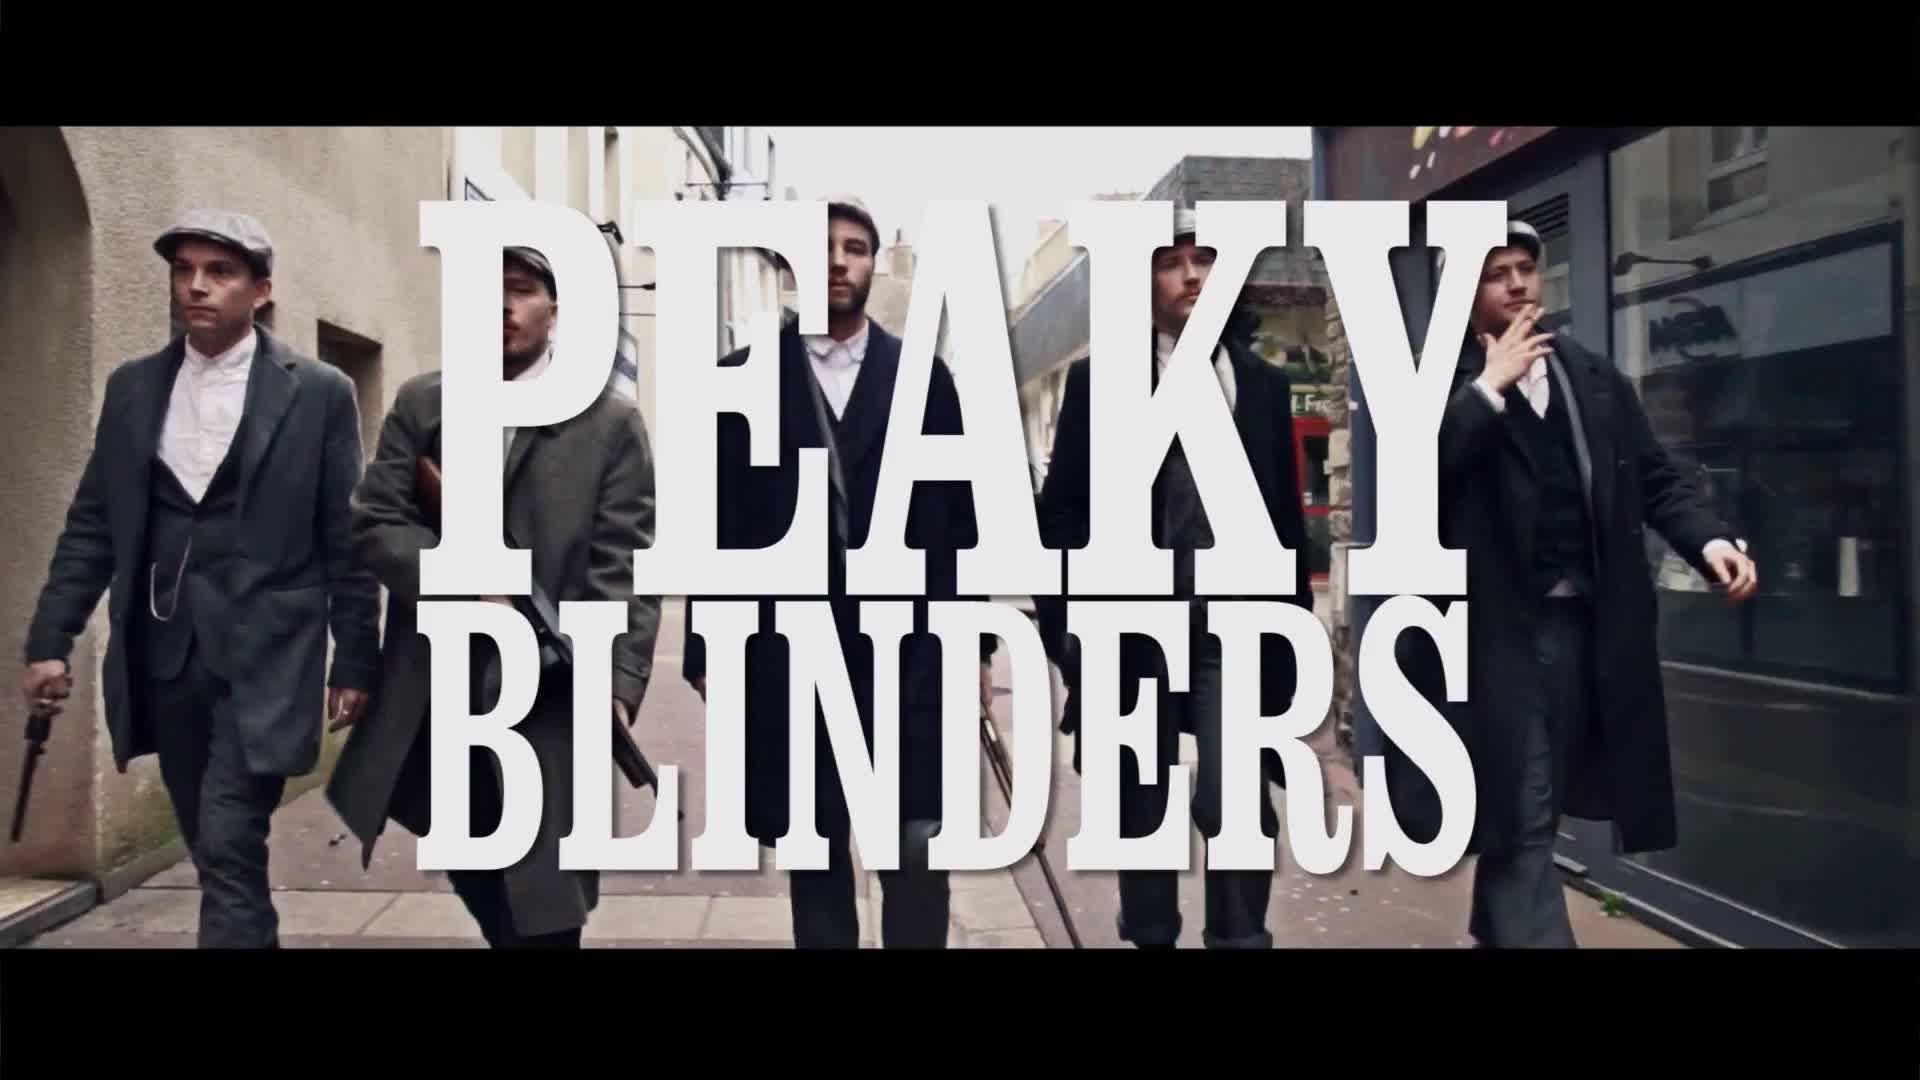 bar, cherbourg, kraken, mogab productions, peaky blinders, soirée, television, tv, tv show, Les Peaky Blinders s'emparent du Kraken GIFs